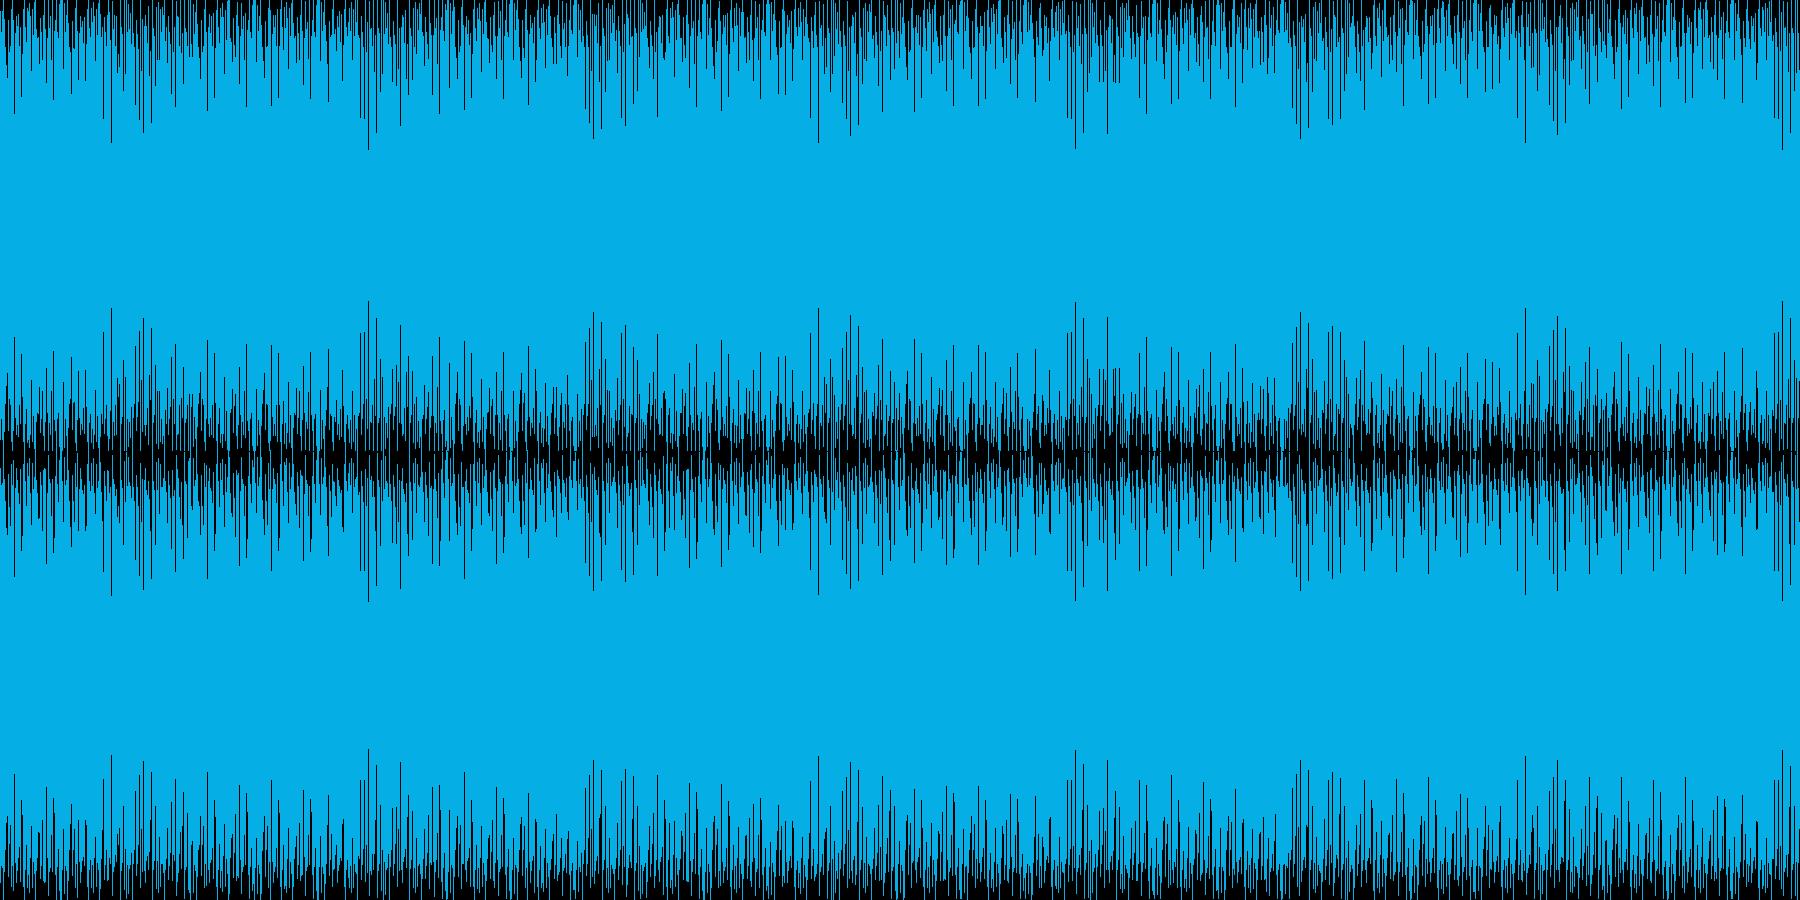 レジスタンス的ビートの再生済みの波形